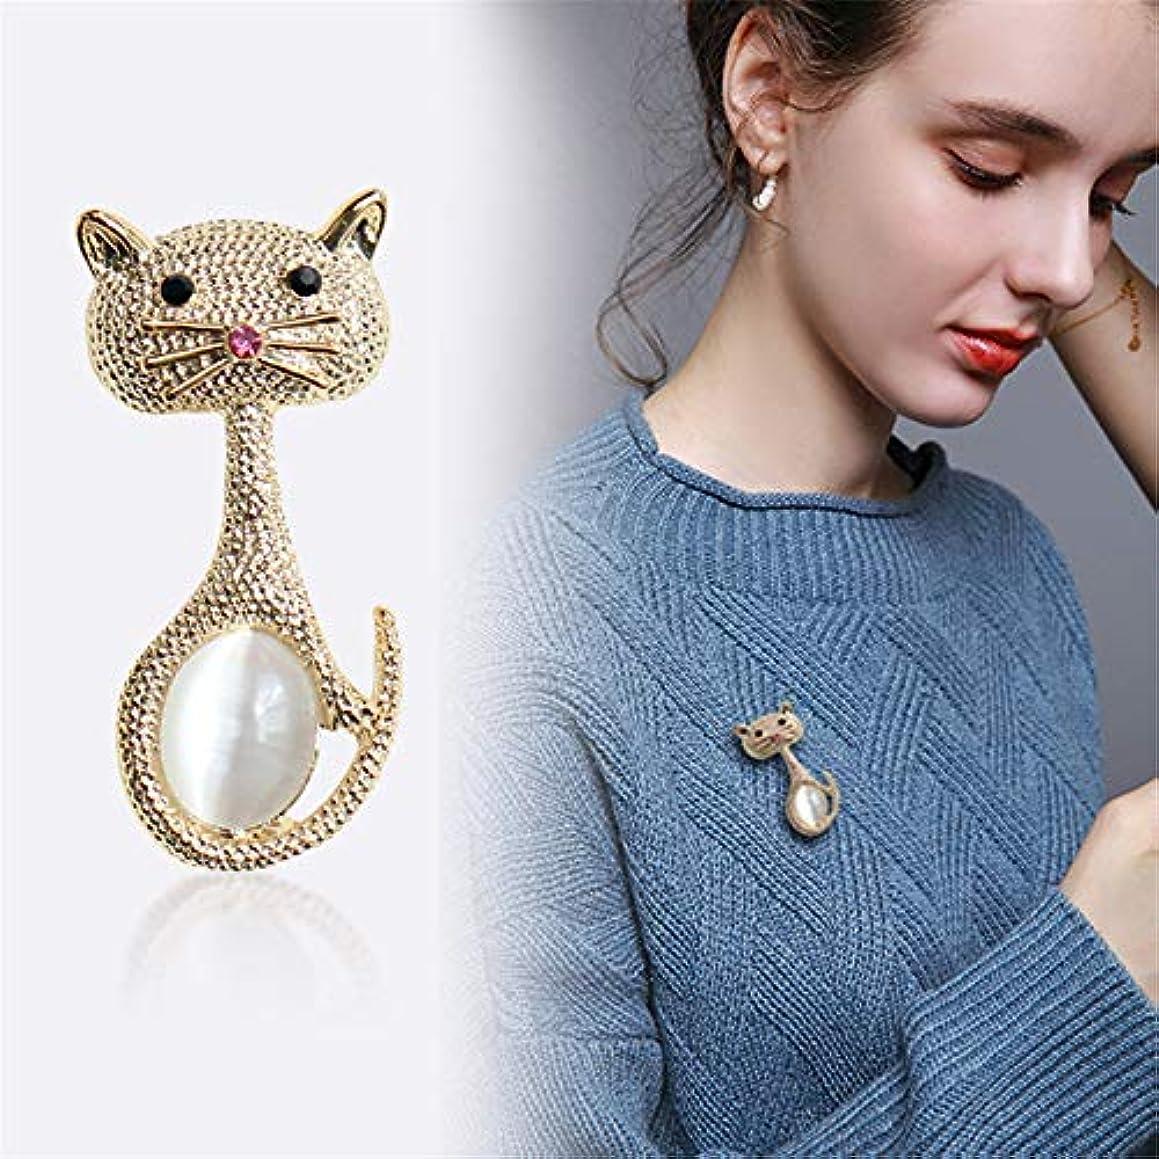 バルコニー王女振るう生地と花石鹸の花 男性と女性のための人工オパールBoutonniere小さなピンとかわいいかわいい猫のブローチ